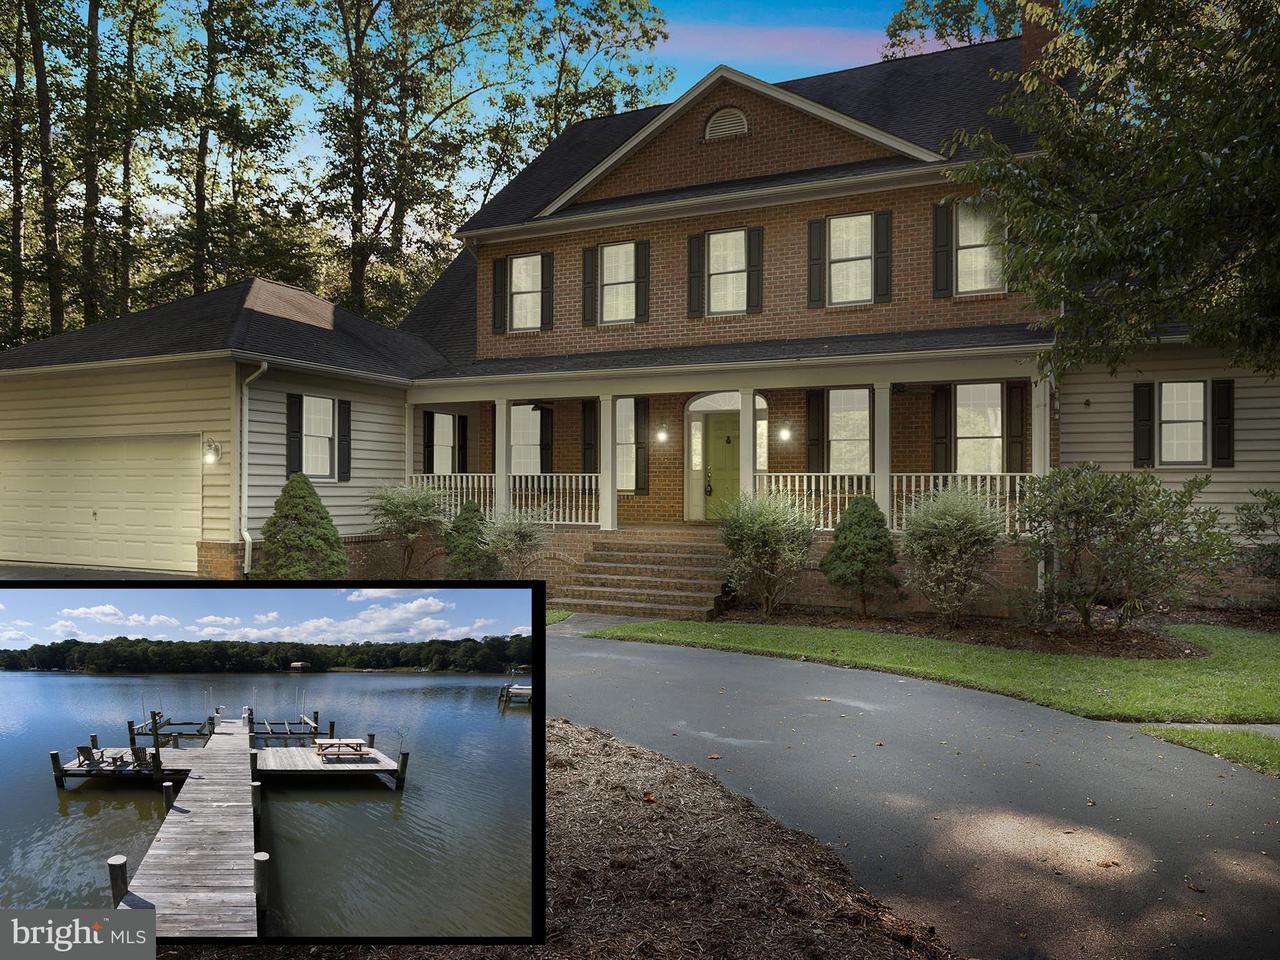 Casa Unifamiliar por un Venta en 650 Tidehead Way 650 Tidehead Way Lusby, Maryland 20657 Estados Unidos